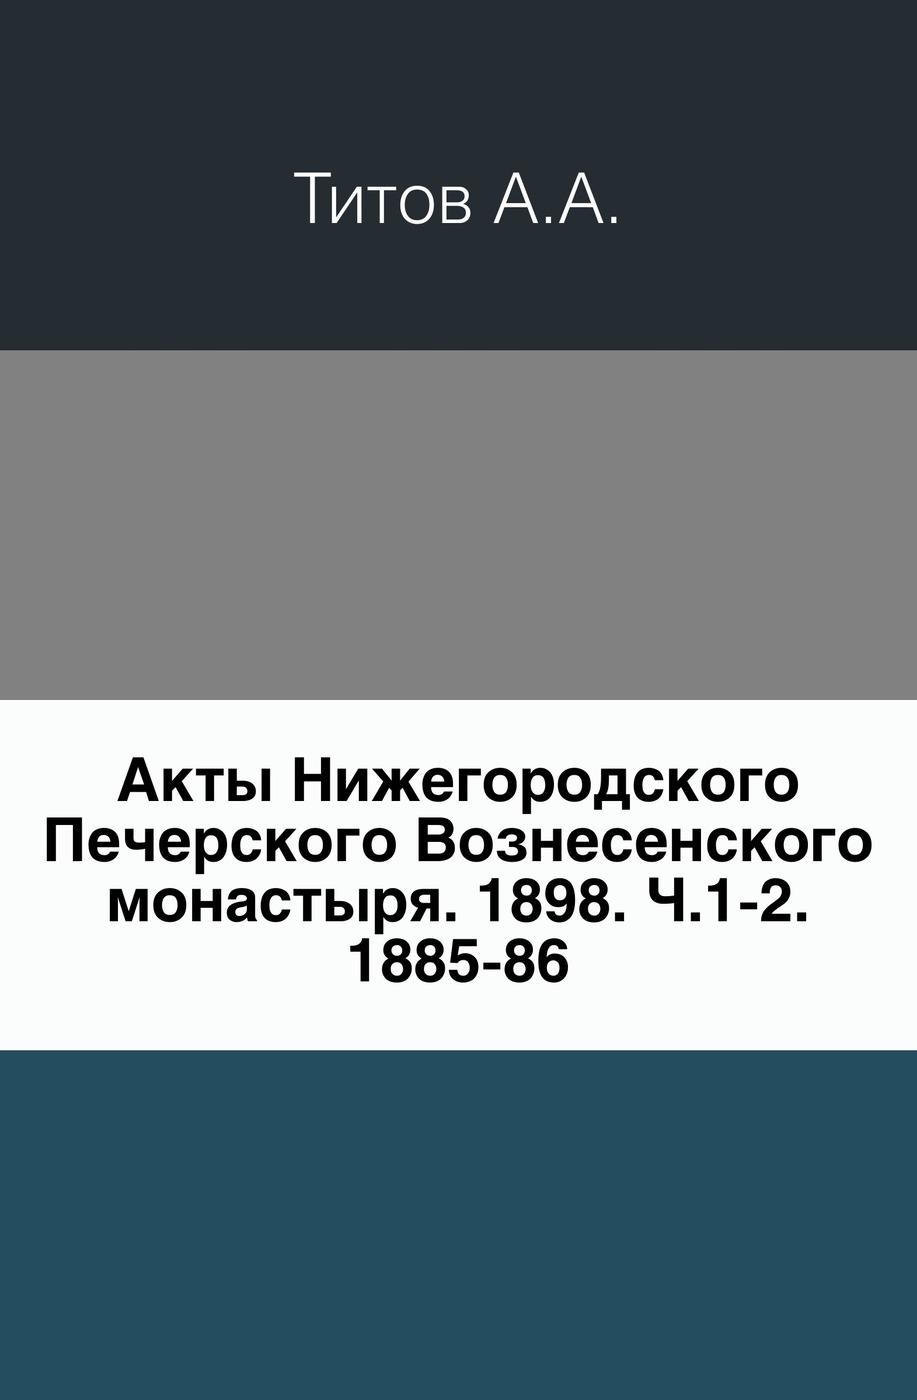 Дневные дозорные записи о московских раскольниках